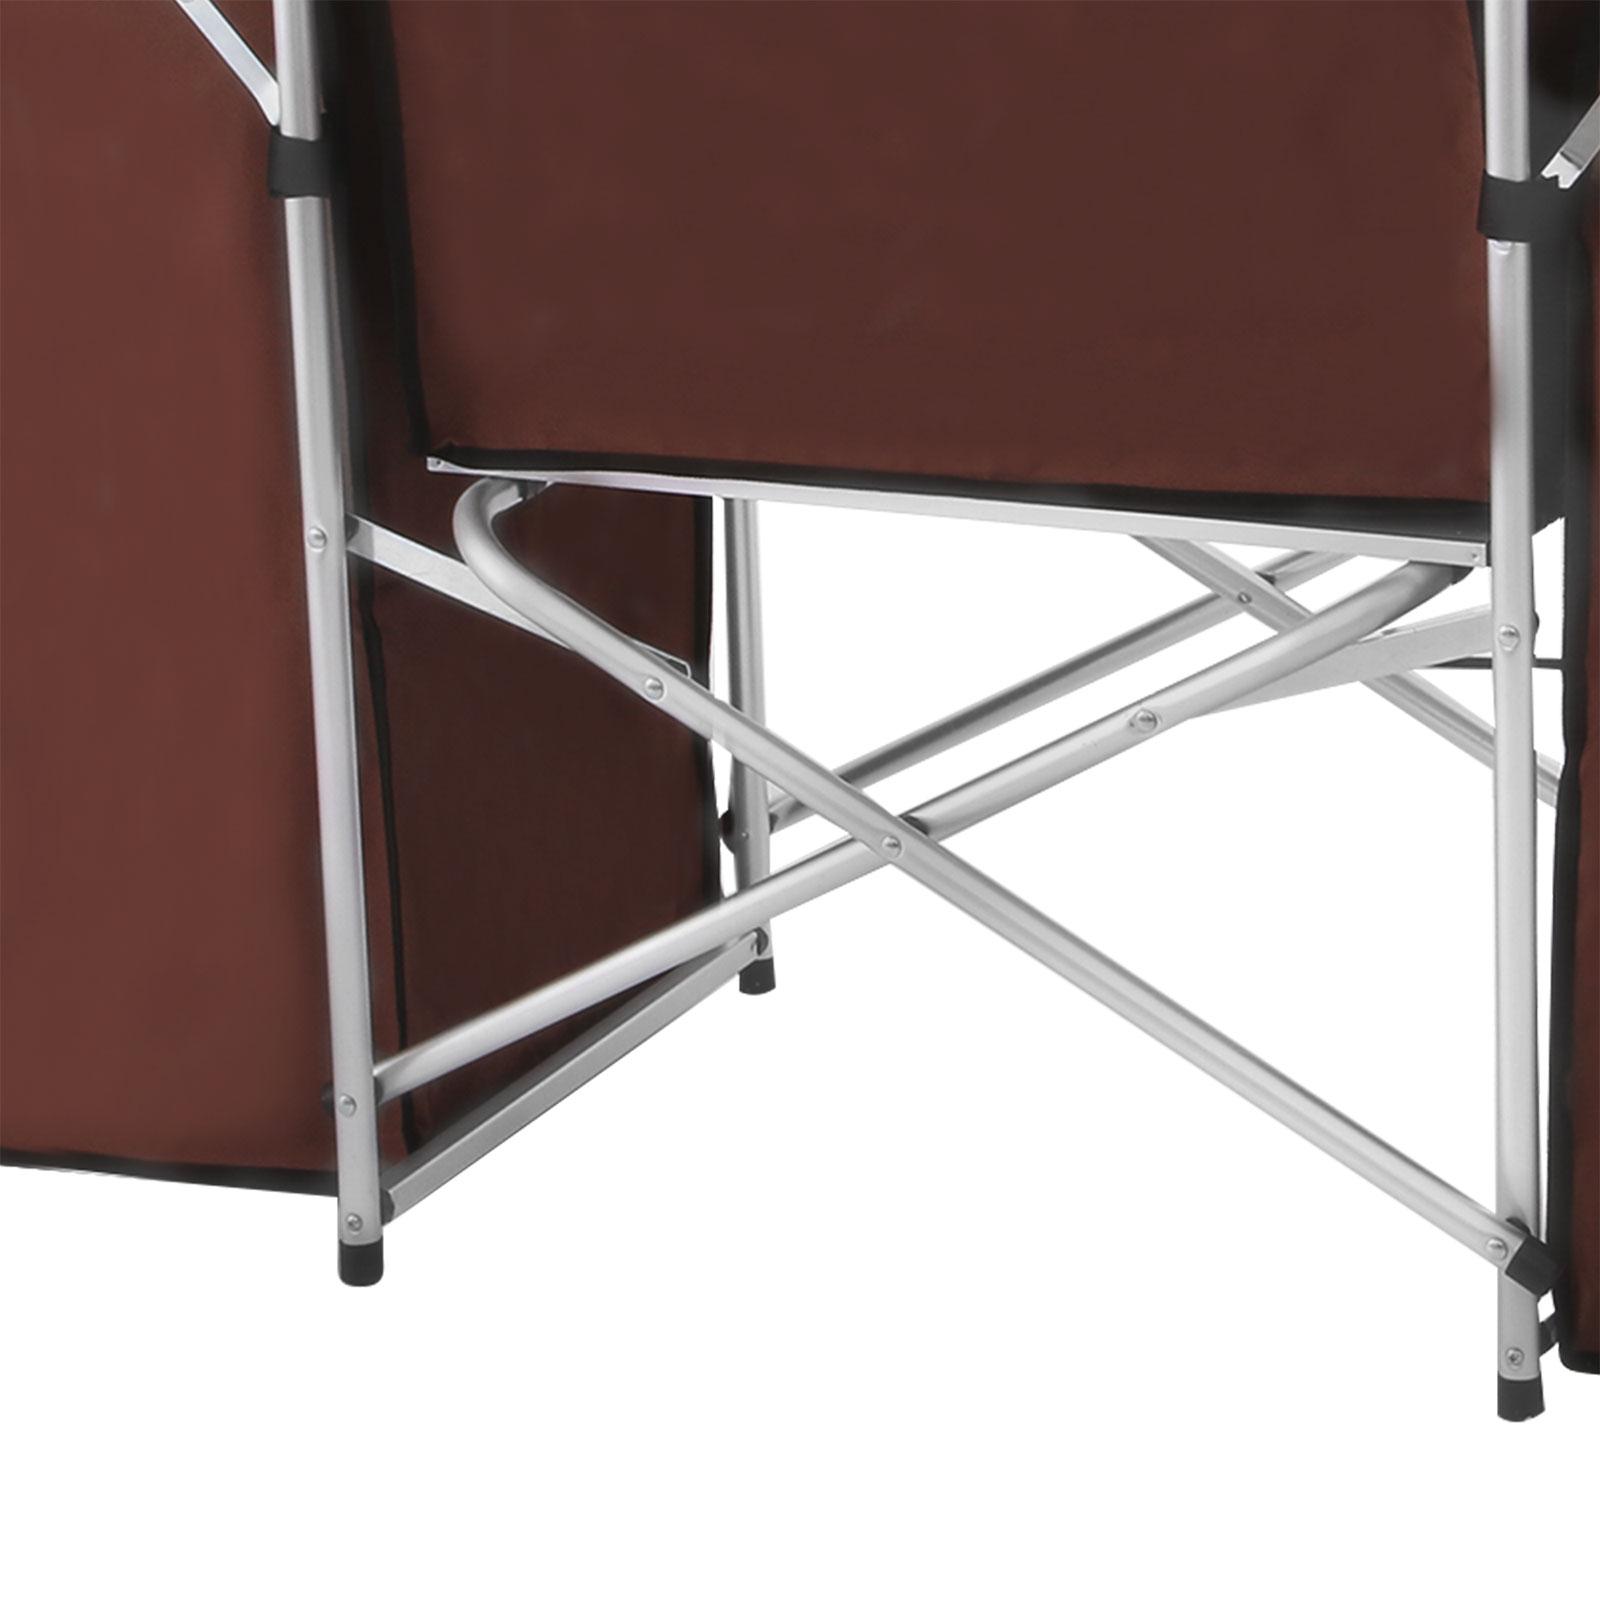 Pliable-Cuisine-de-Camping-Meuble-de-Rangement-Portable-Exterieur-Cuisine miniature 11